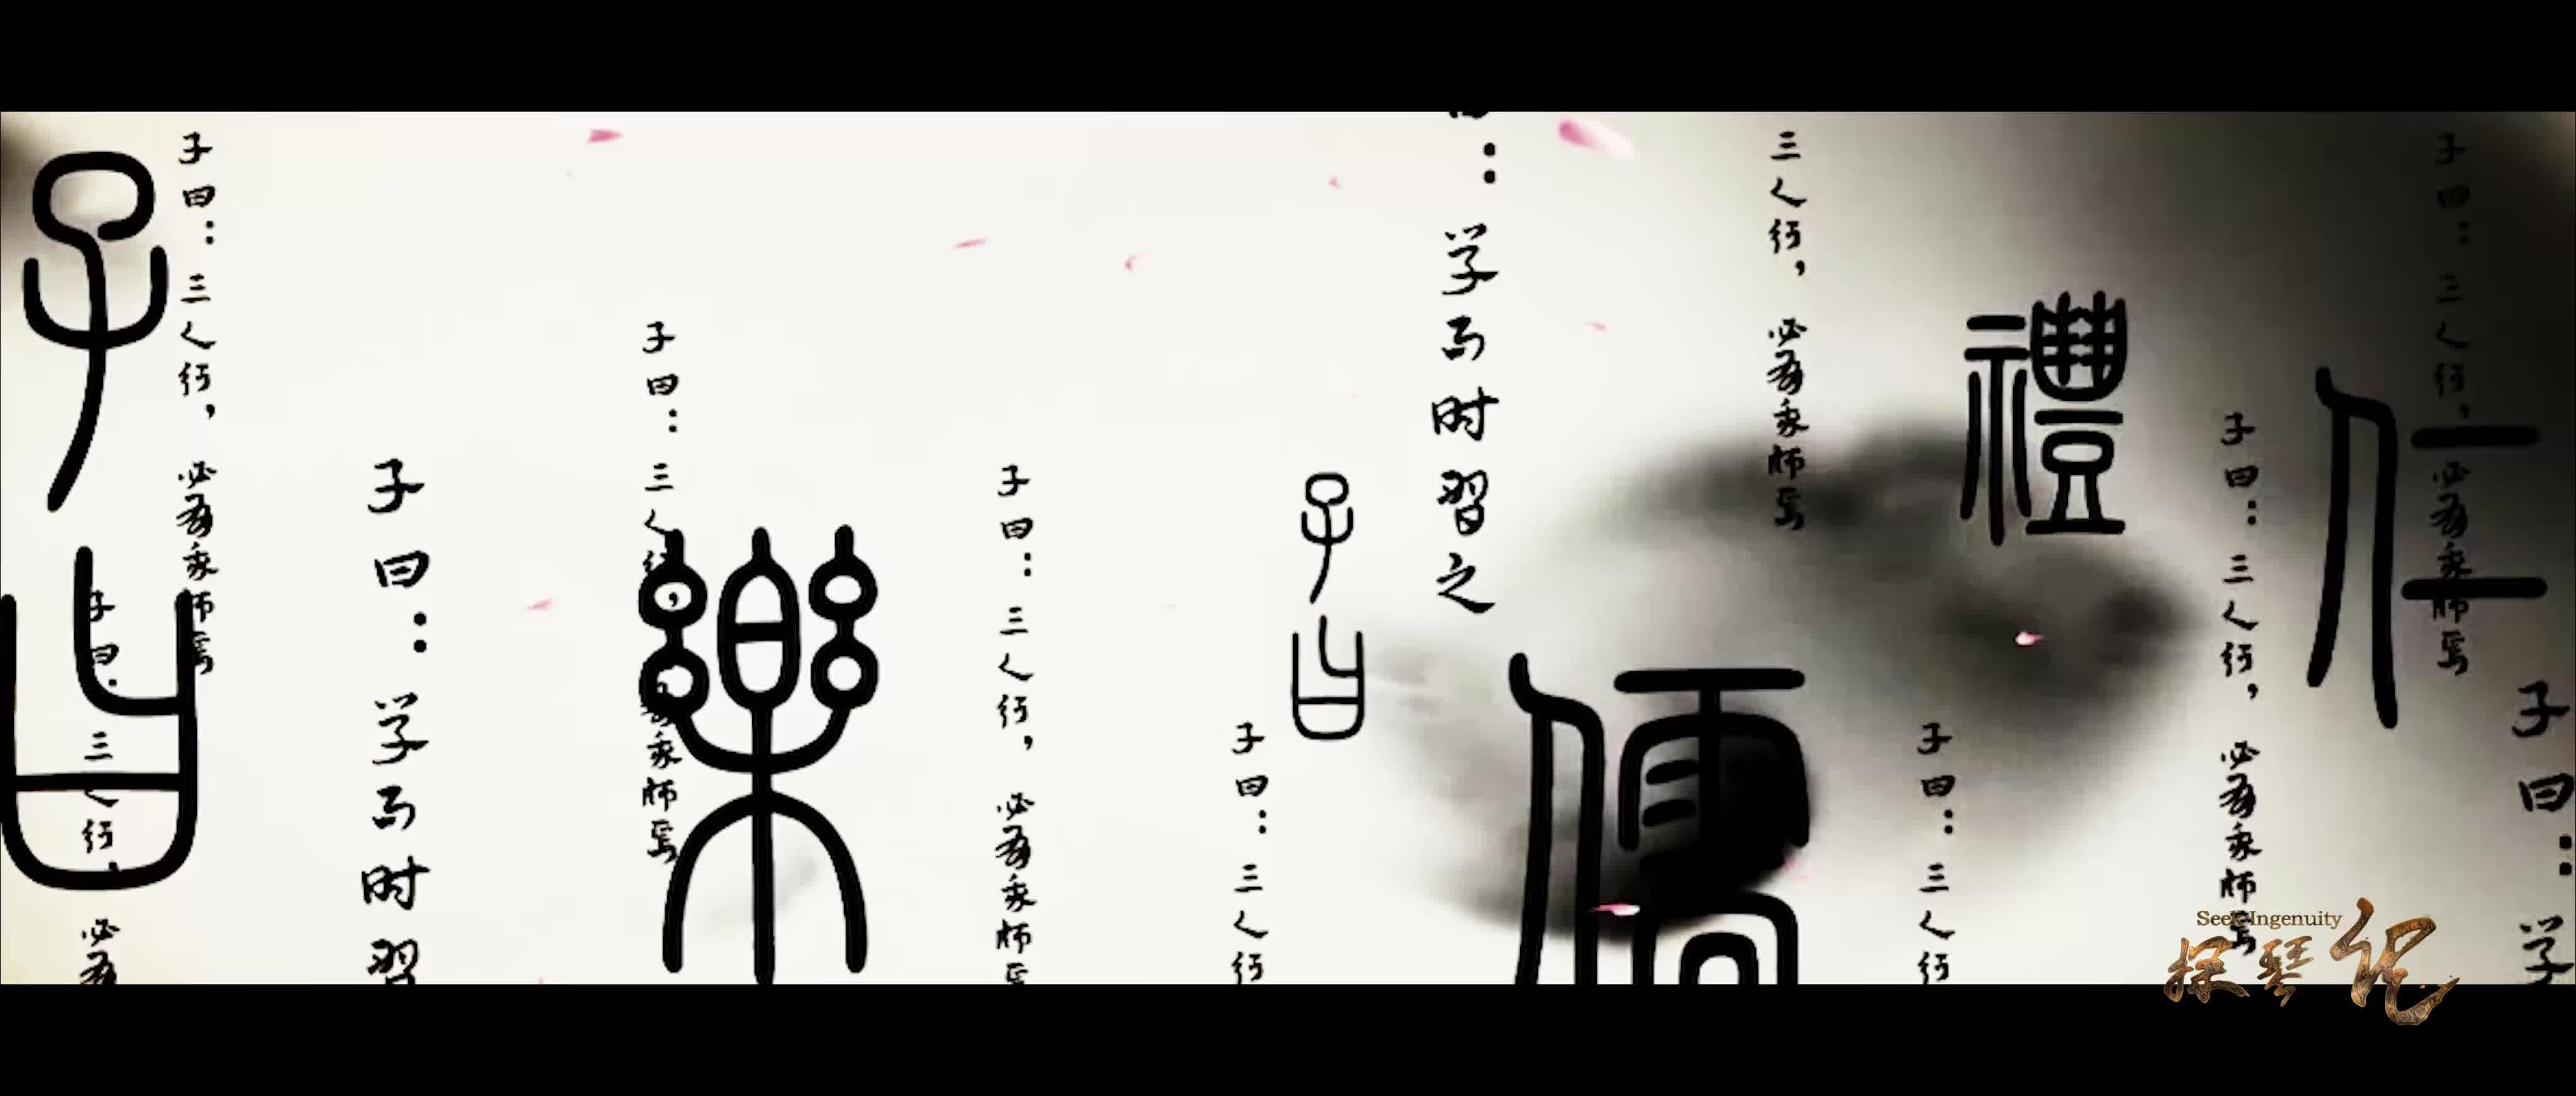 纪录片《探琴记》讲述古琴历史文化